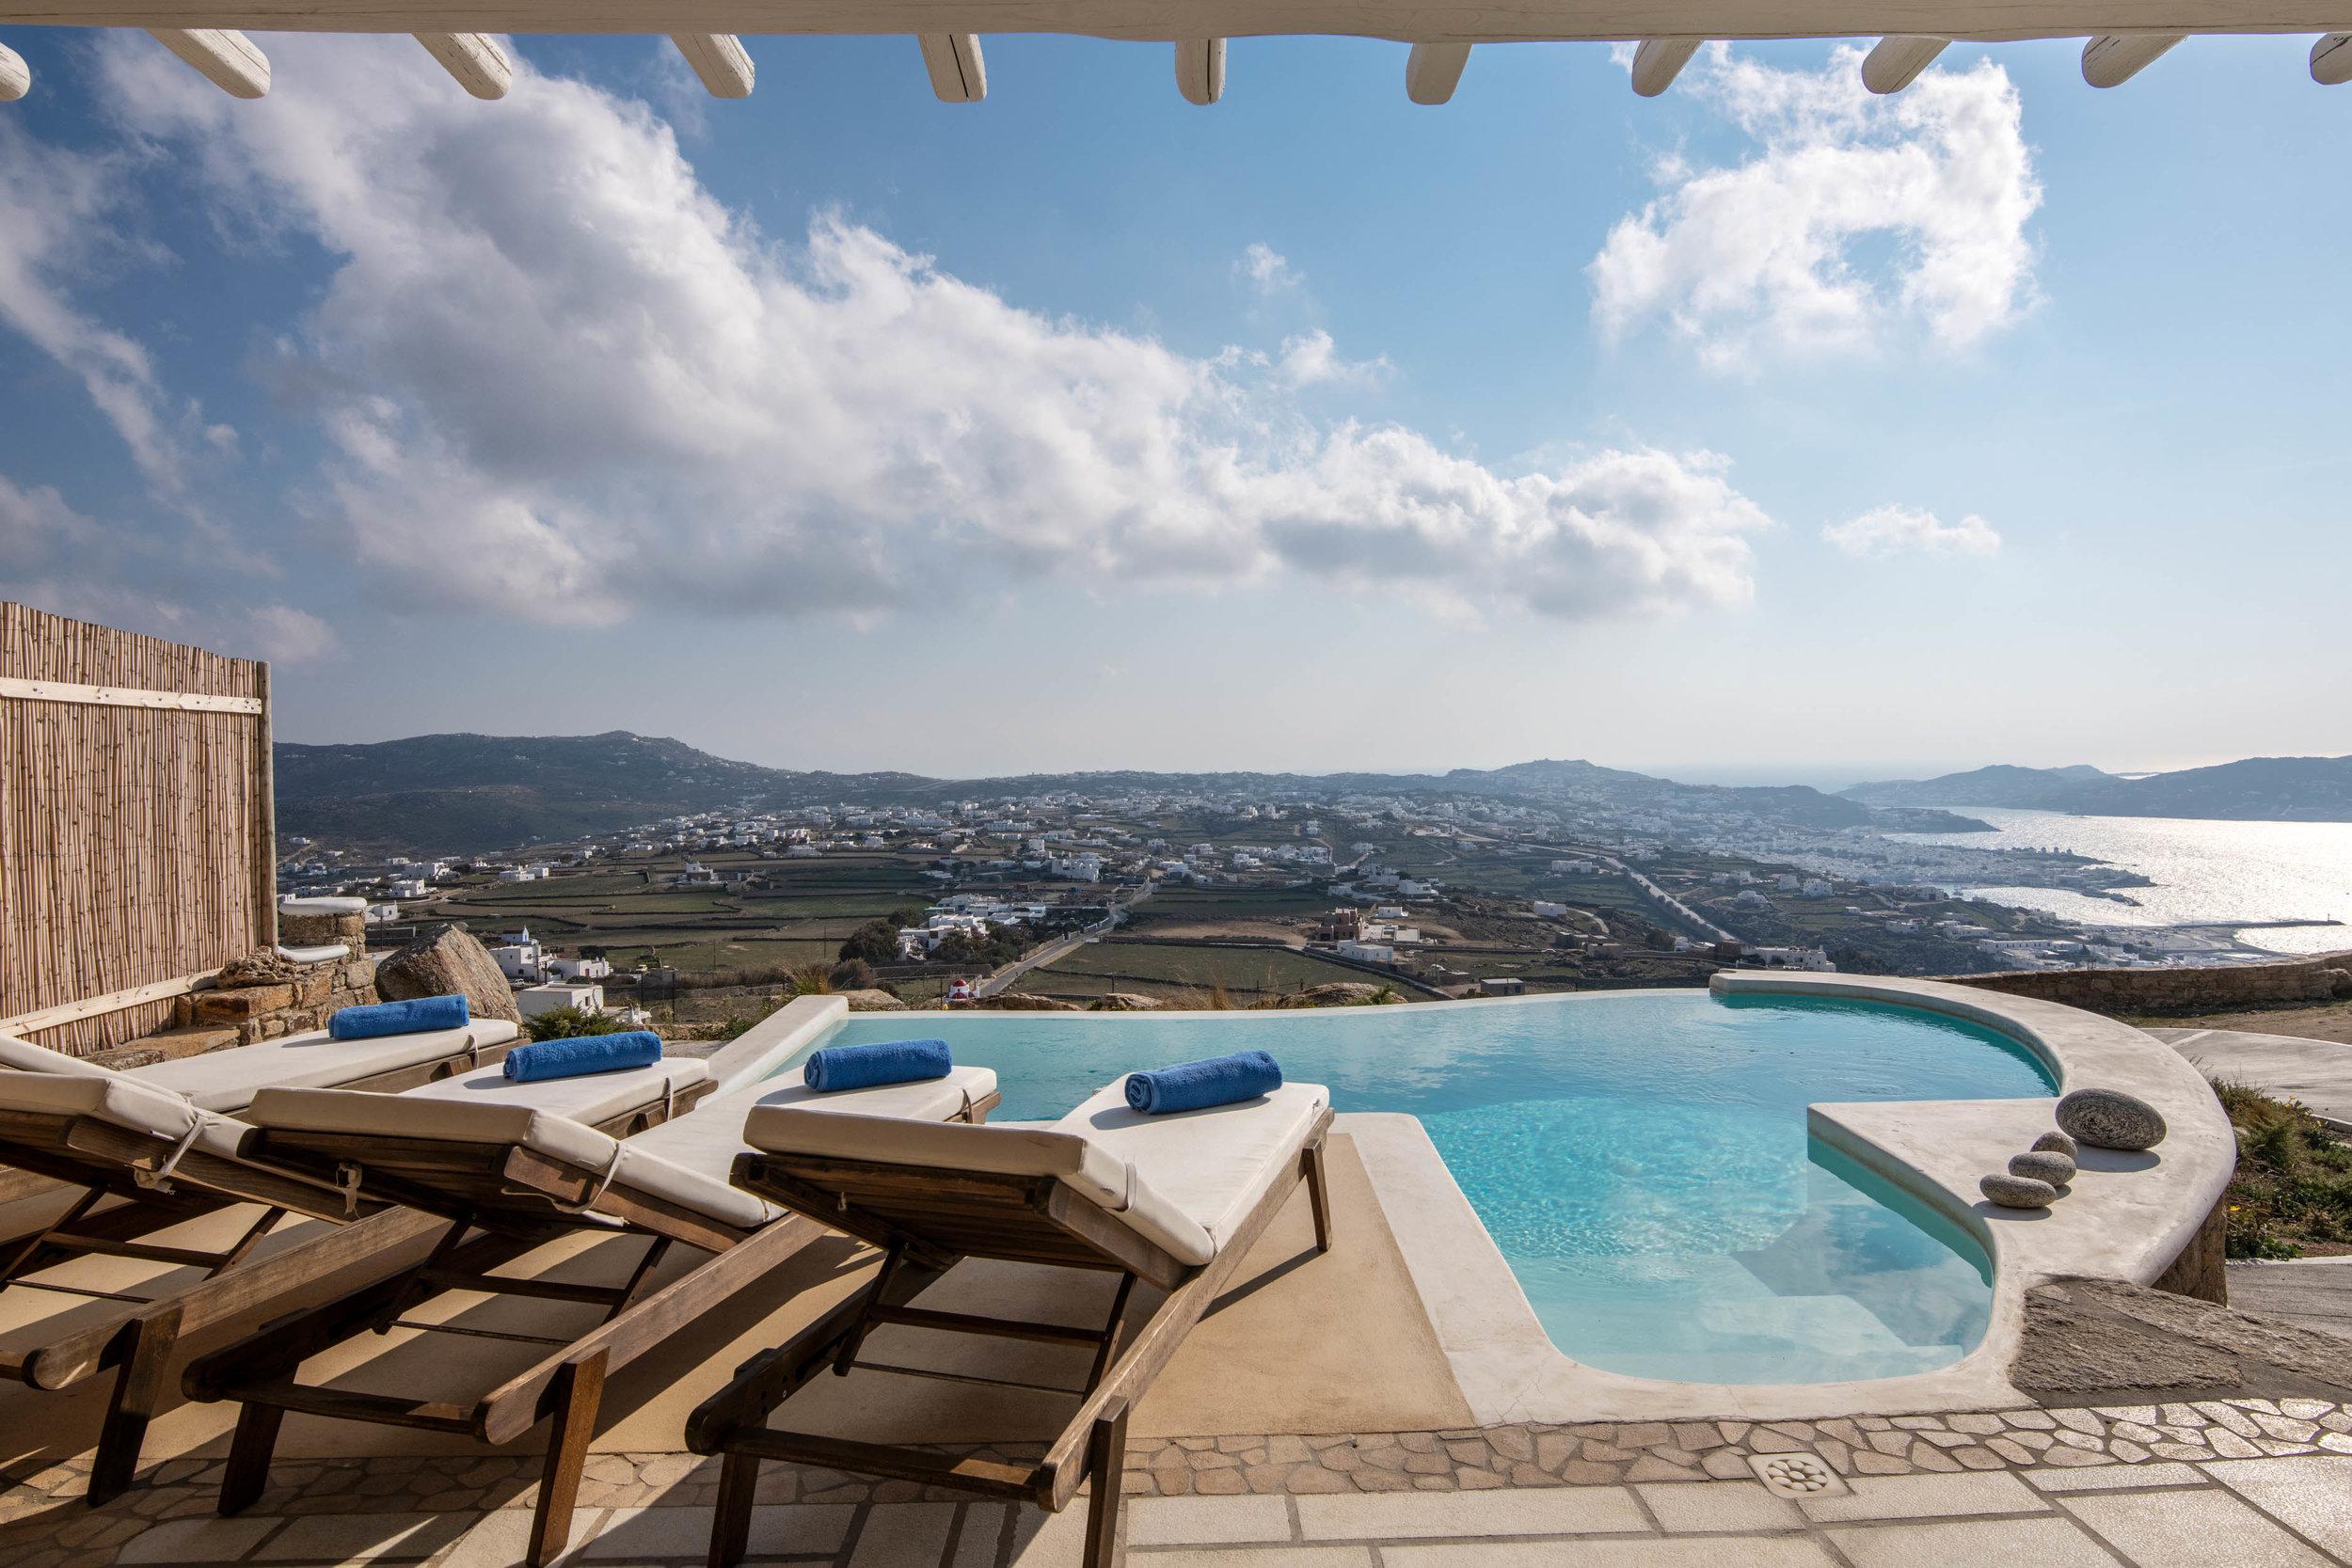 TOURLOS, Mykonos  7 Guests, 3 bedrooms